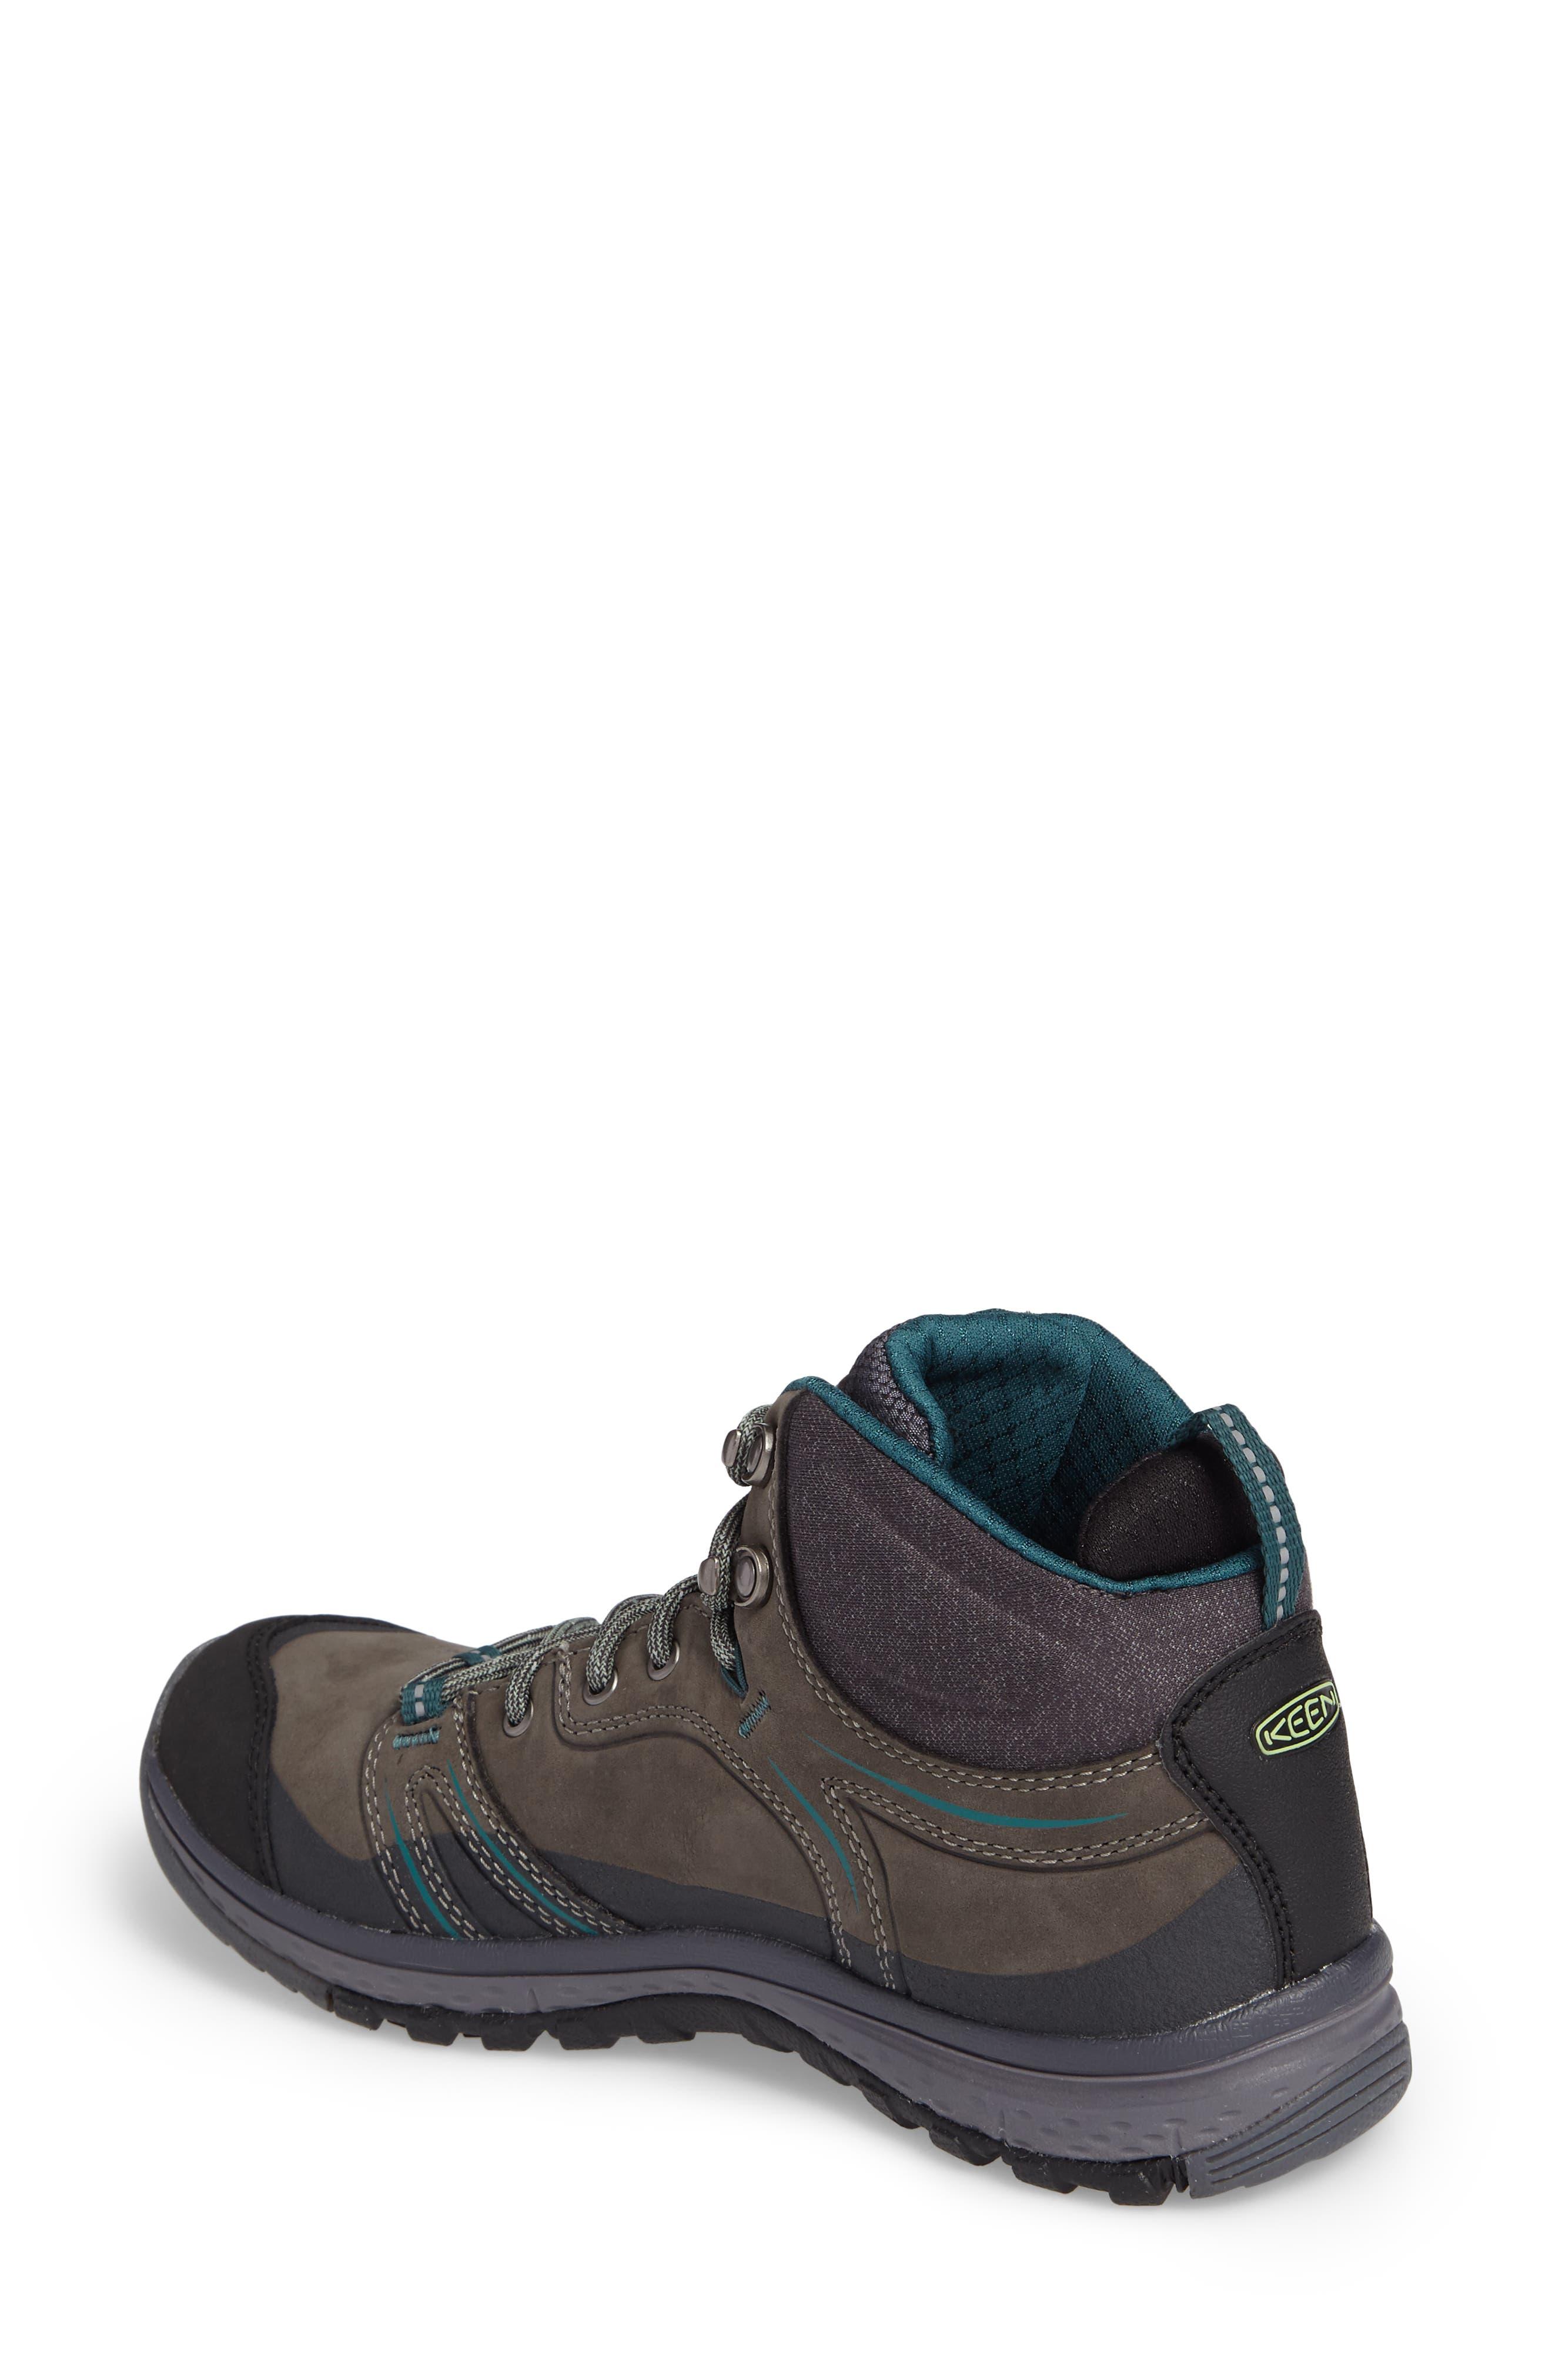 Terradora Leather Waterproof Hiking Boot,                             Alternate thumbnail 2, color,                             MUSHROOM NUBUCK LEATHER